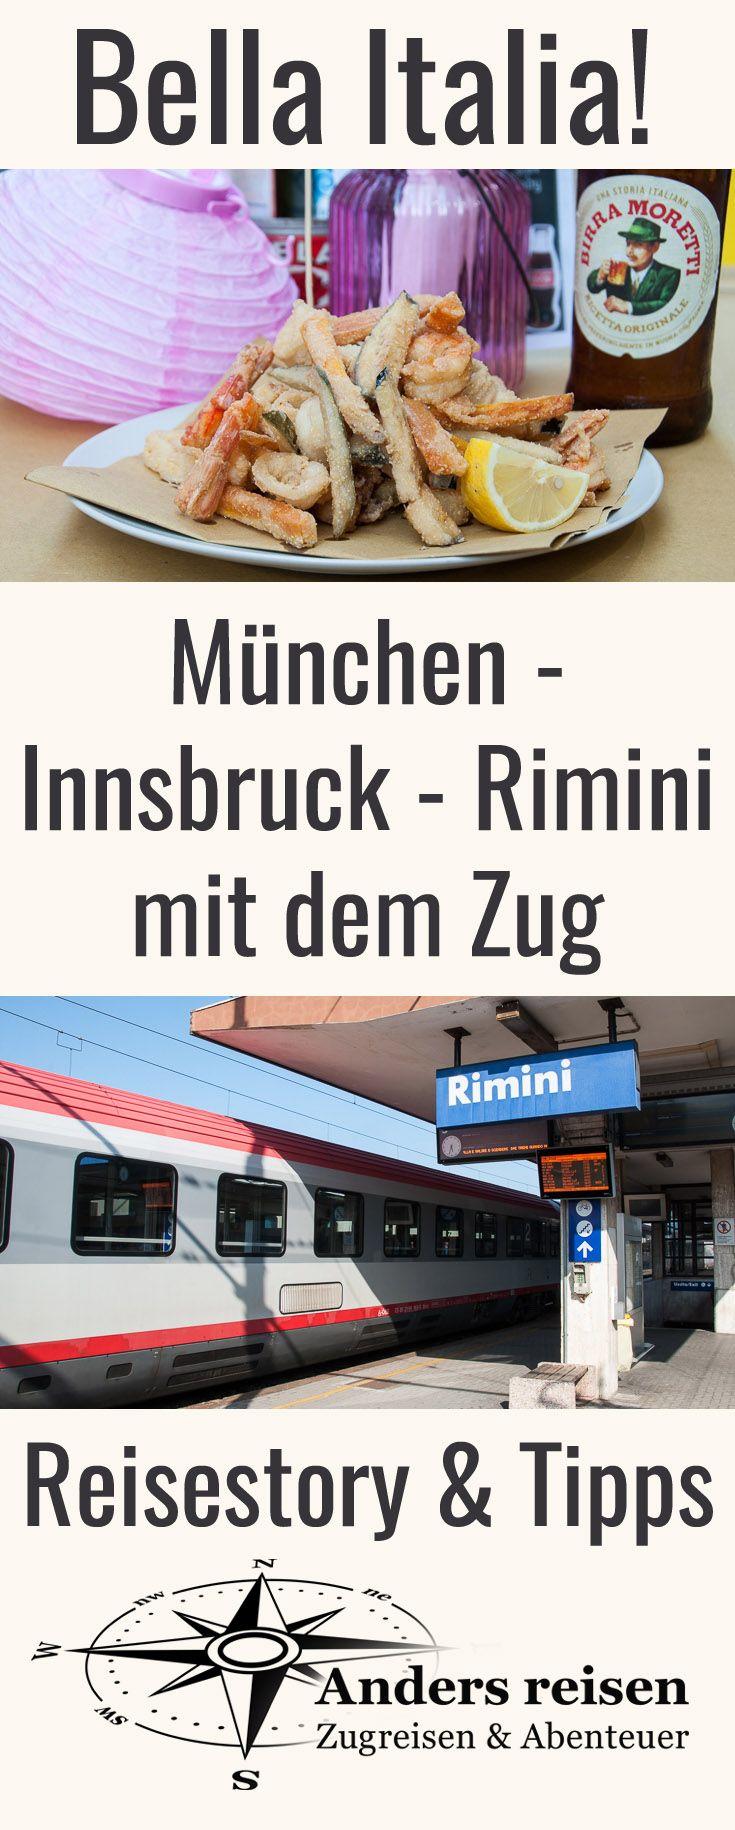 Direkter Zug Nach Rimini Bequem In Den Urlaub